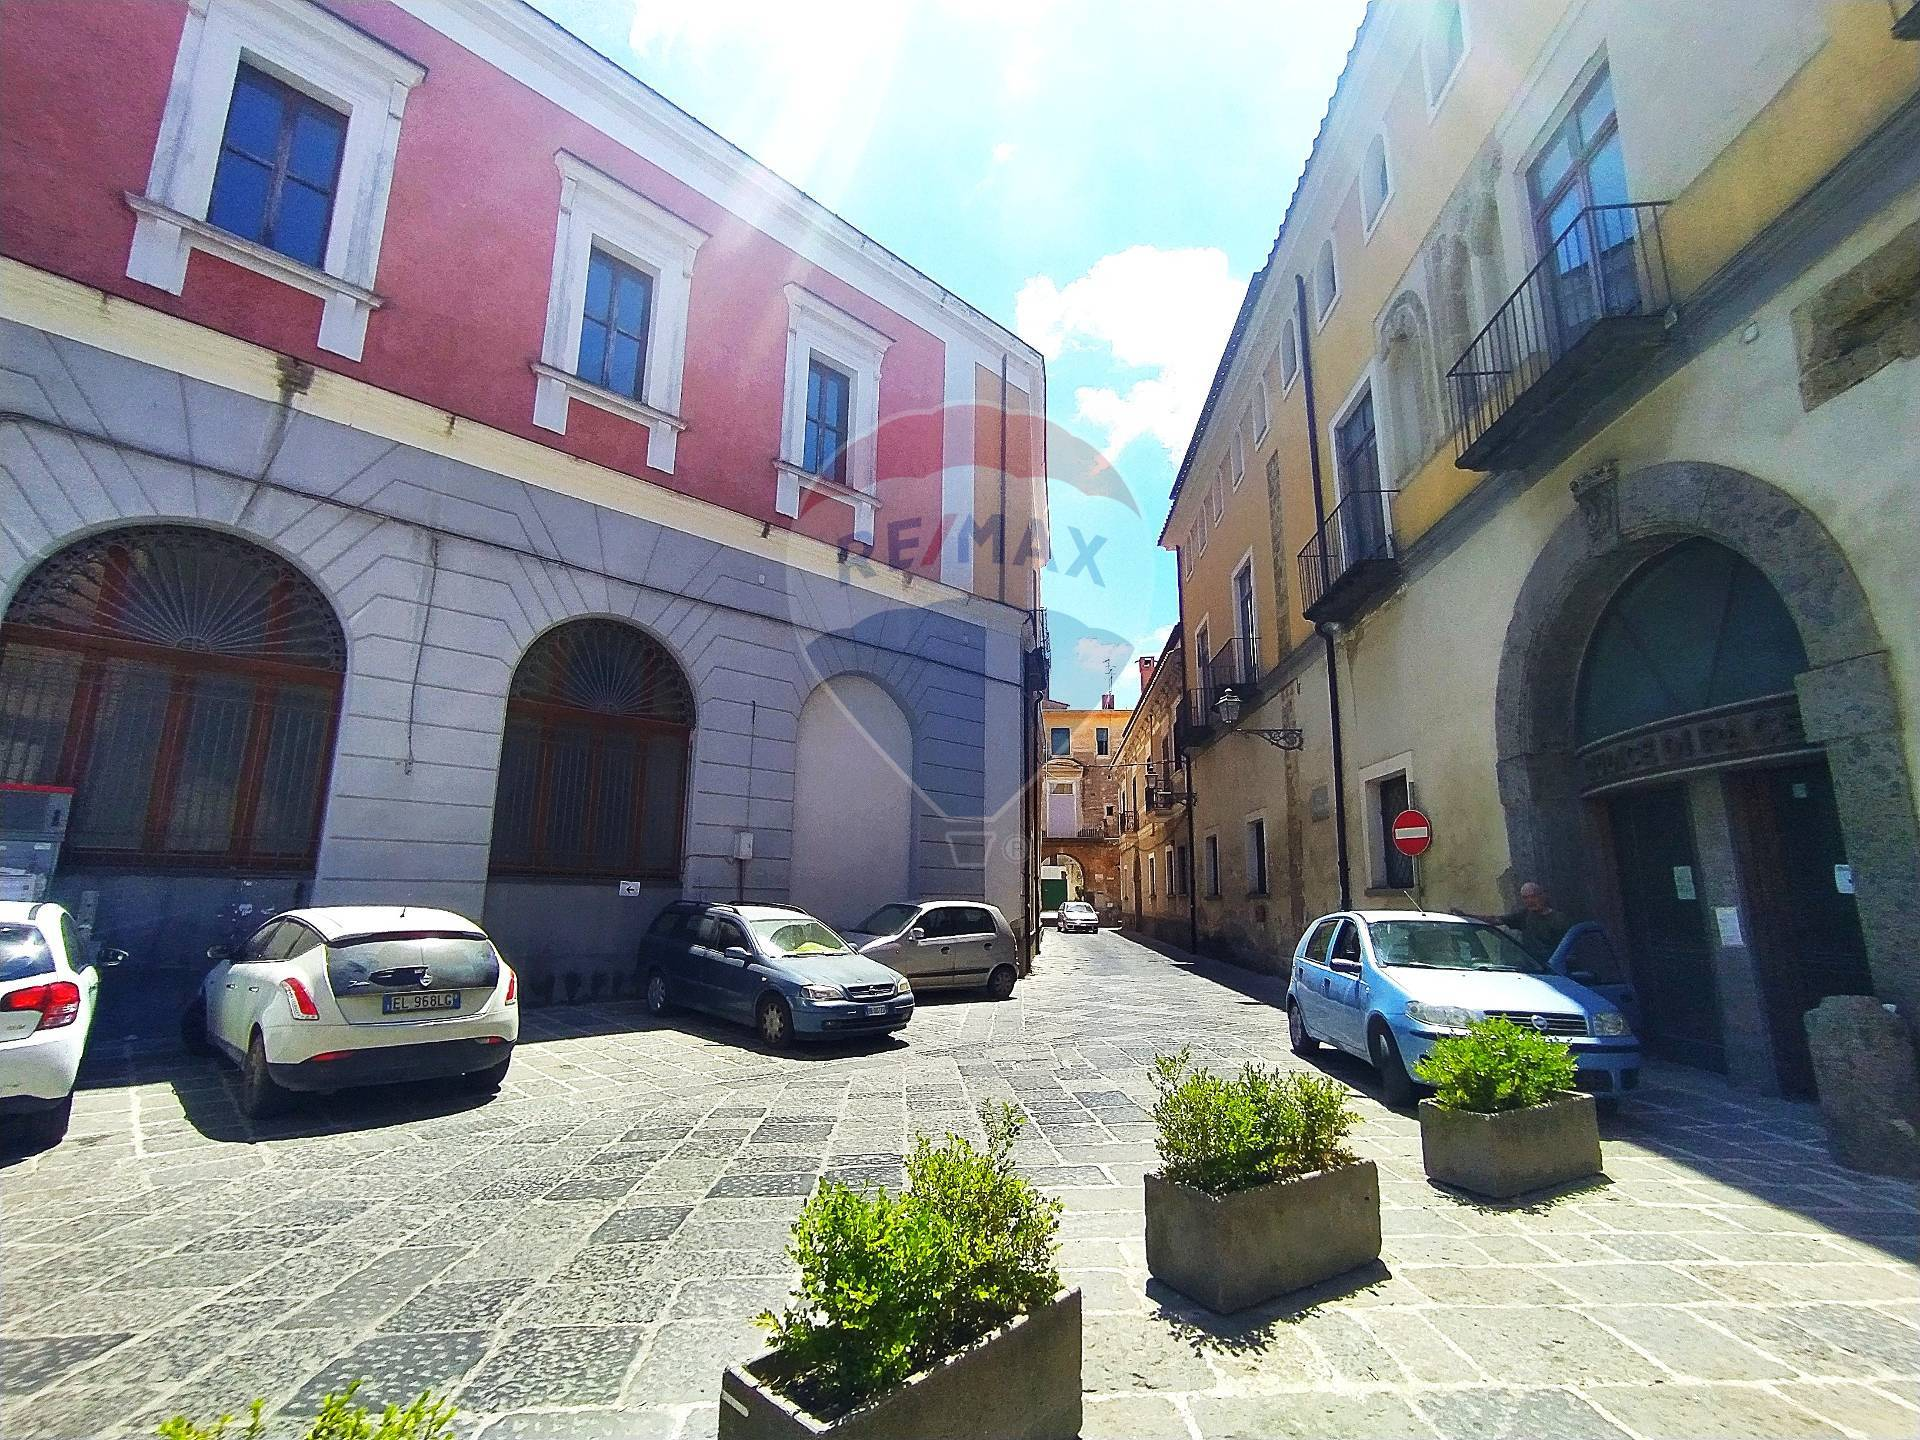 Negozio / Locale in vendita a Aversa, 9999 locali, zona Località: ZonaCentro, prezzo € 65.000   CambioCasa.it